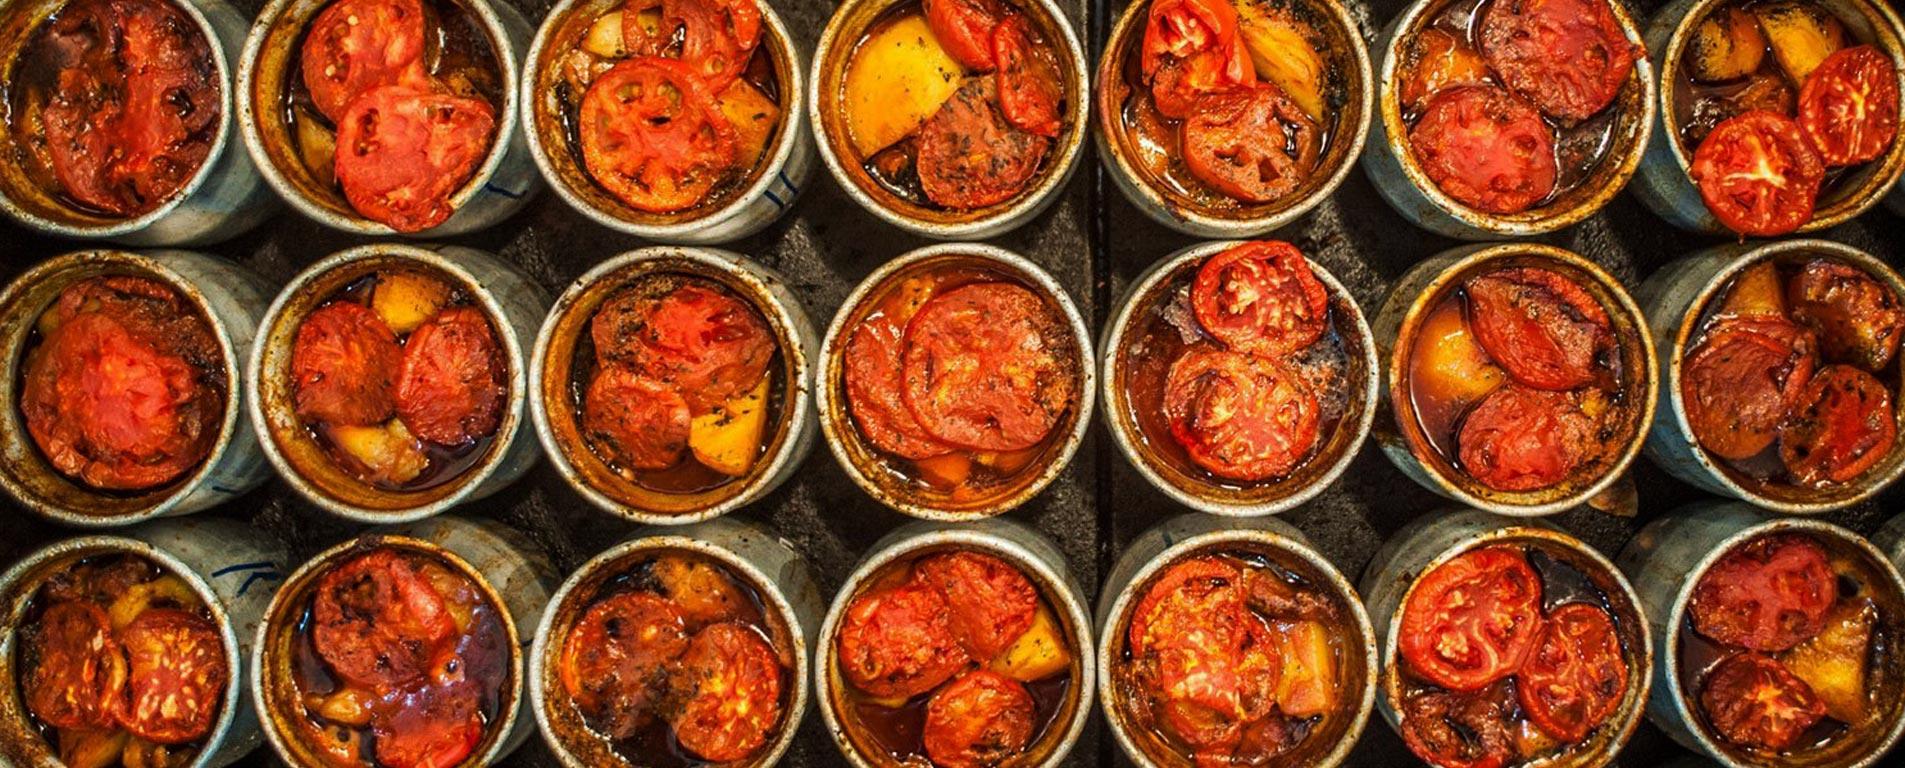 غذاهای کرمان ؛ میهمانی عطر و طعم